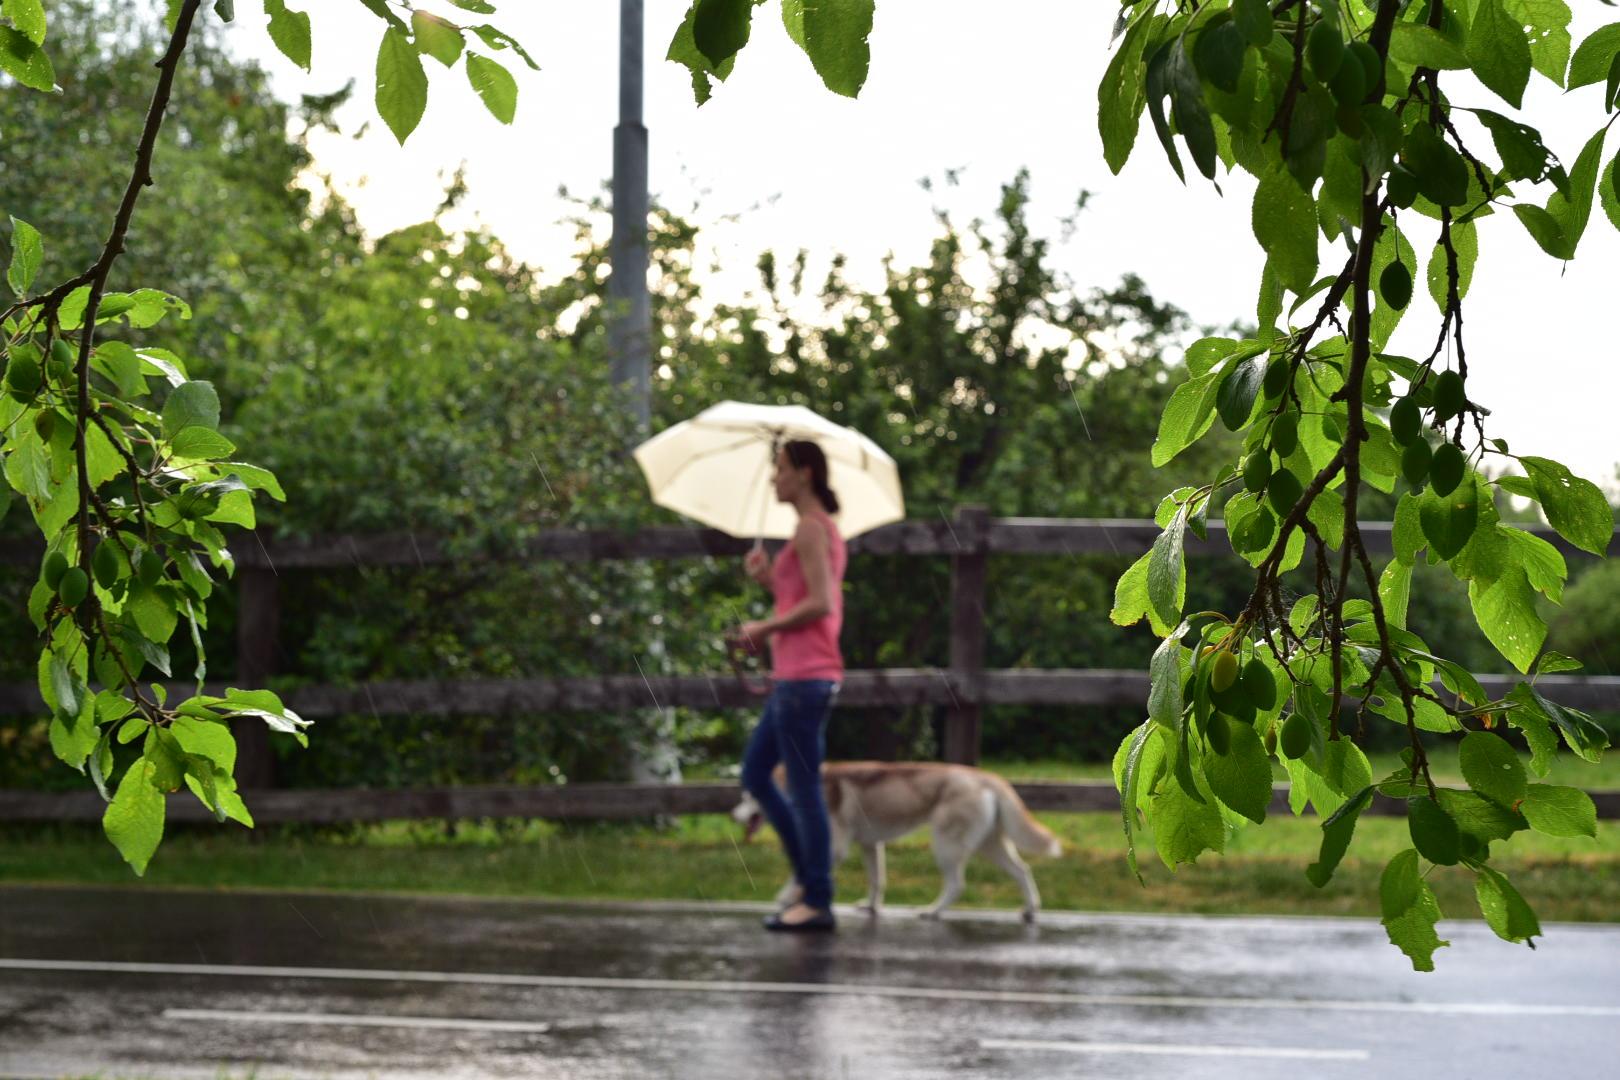 Москвичам пообещали тепло и дожди в воскресенье. Фото:Пелагия Замятина